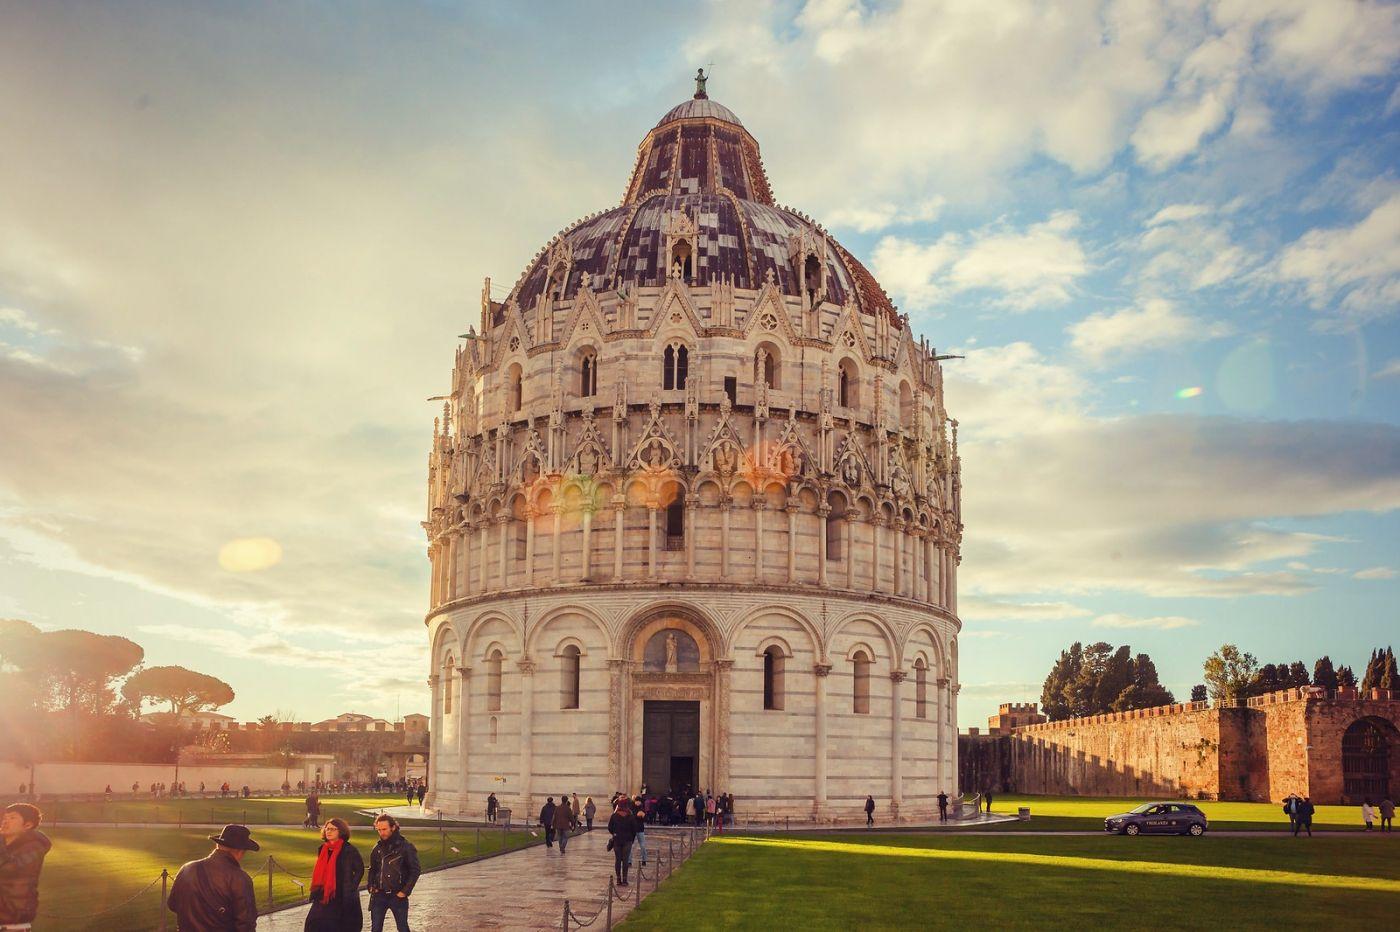 意大利比萨斜塔,塔旁的建筑群_图1-19